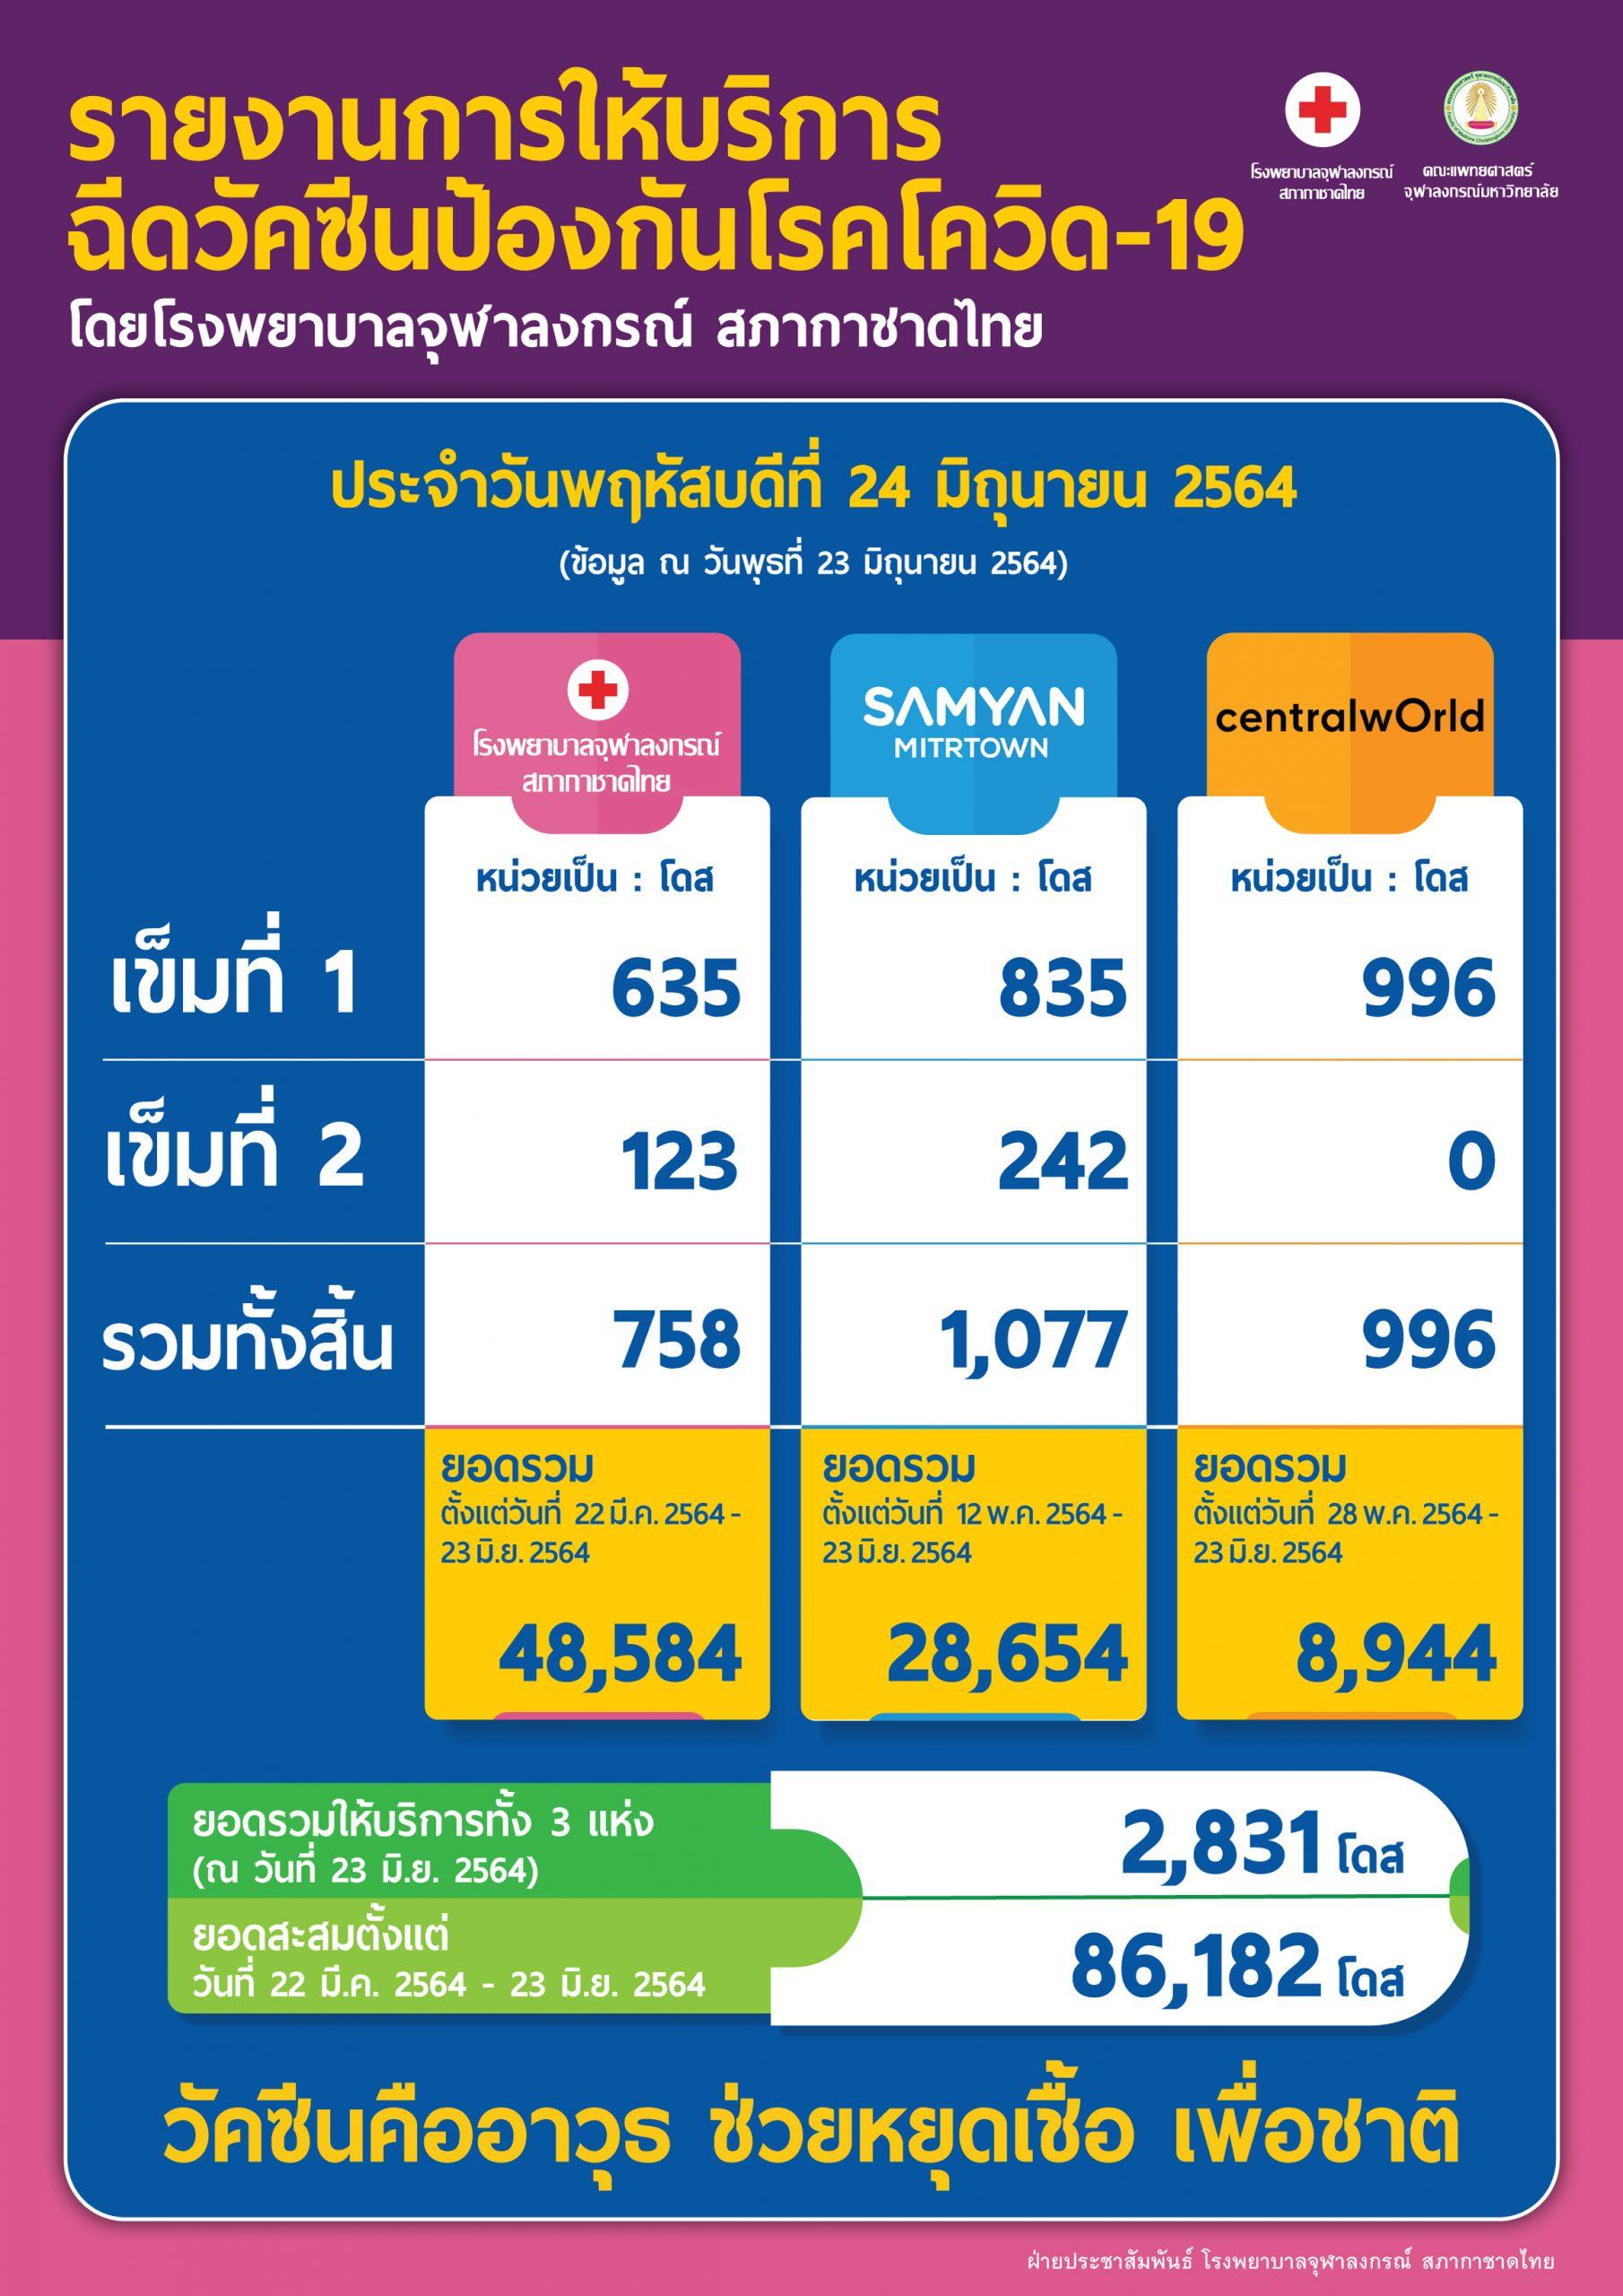 รายงานการให้บริการ ฉีดวัคซีนป้องกันโรคโควิด-19 โดยโรงพยาบาลจุฬาลงกรณ์ สภากาชาดไทย ประจำวันพฤหัสบดีที่ 24 มิถุนายน 2564